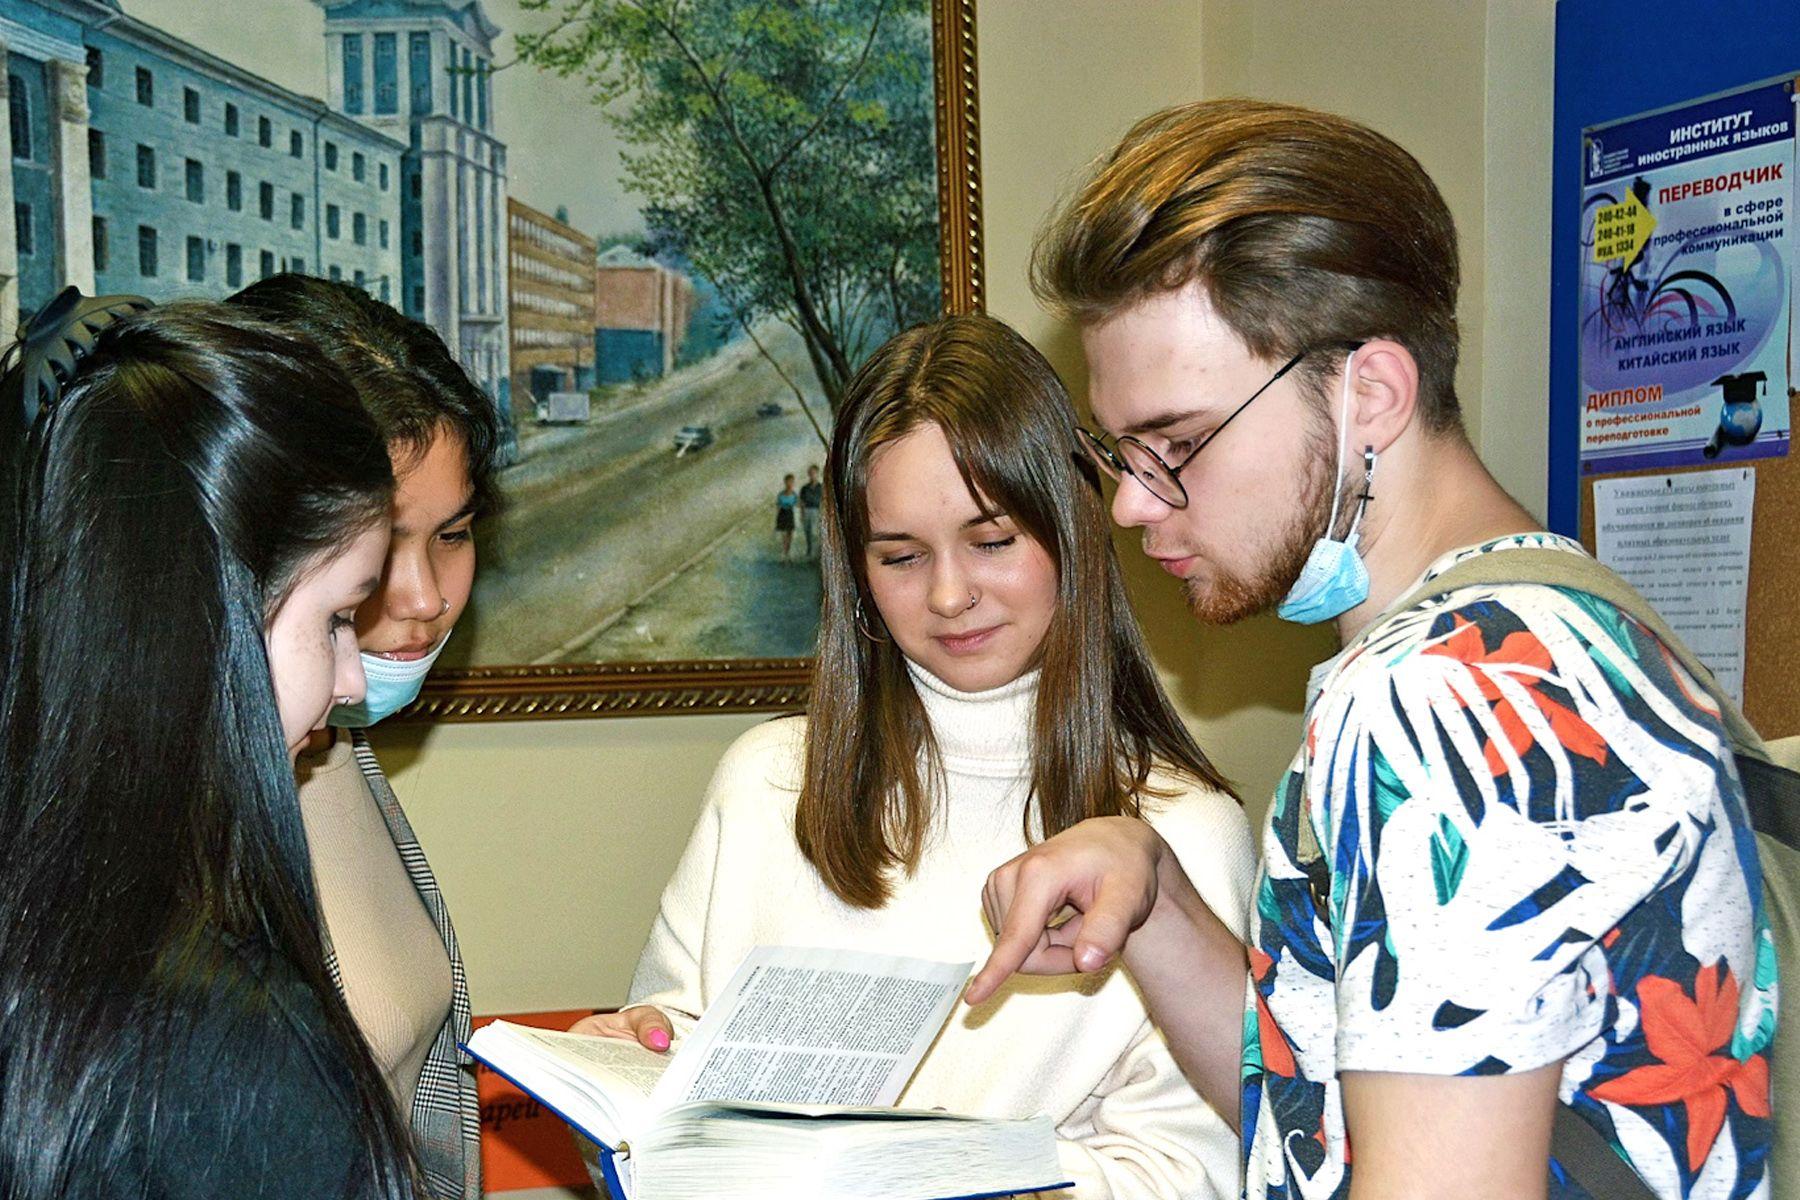 Великий и могучий: в Международный день родного языка студенты ВГУЭС написали сложный диктант в одно предложение